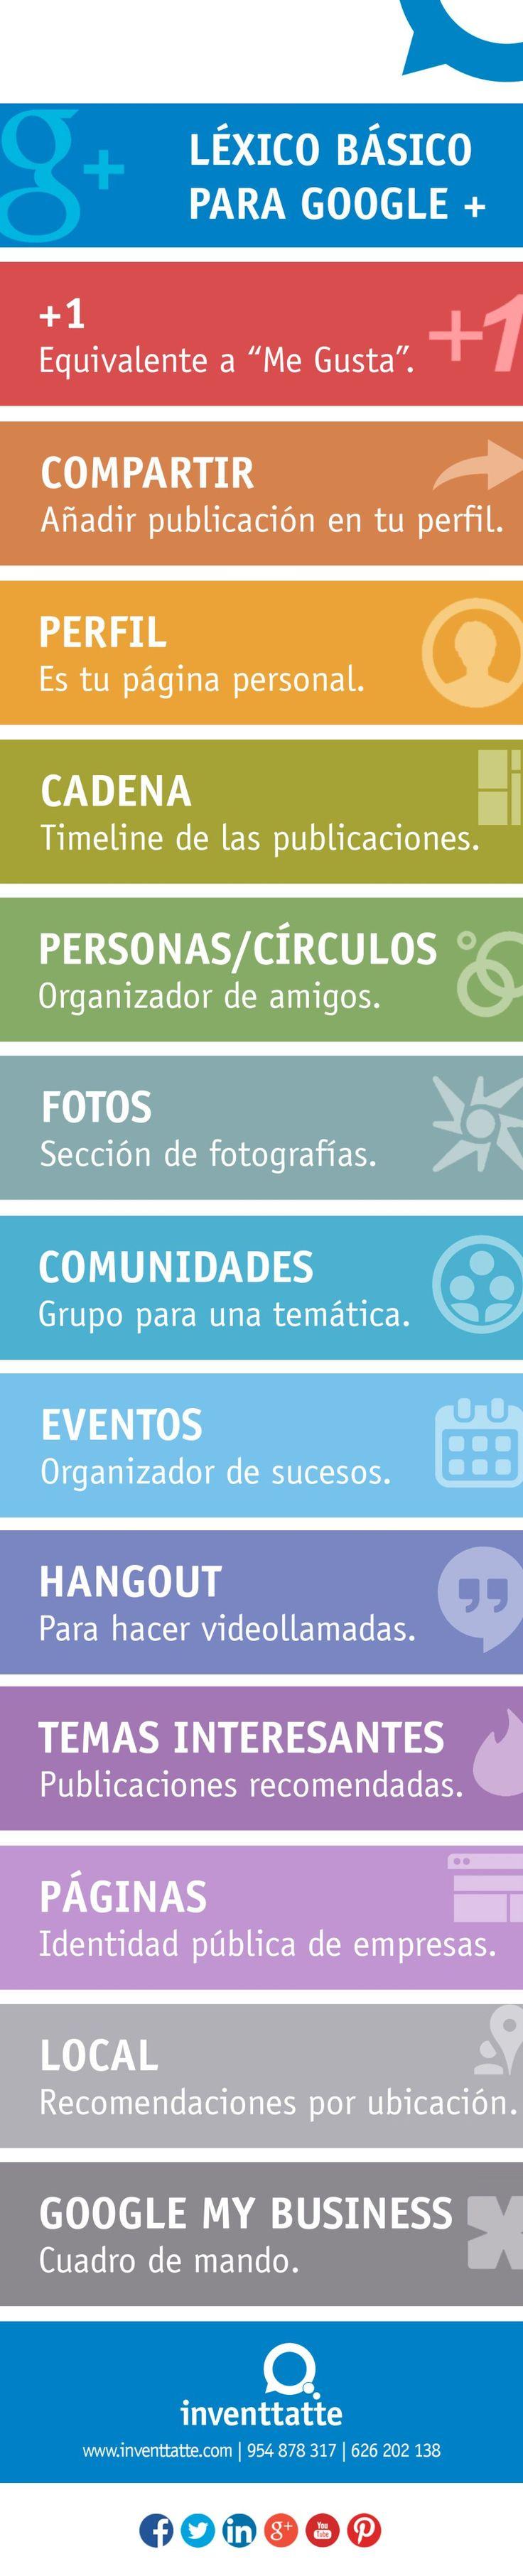 Léxico básico para Google + #infografia #infographic #socialmedia  Ideas Negocios Online para www.masymejor.com